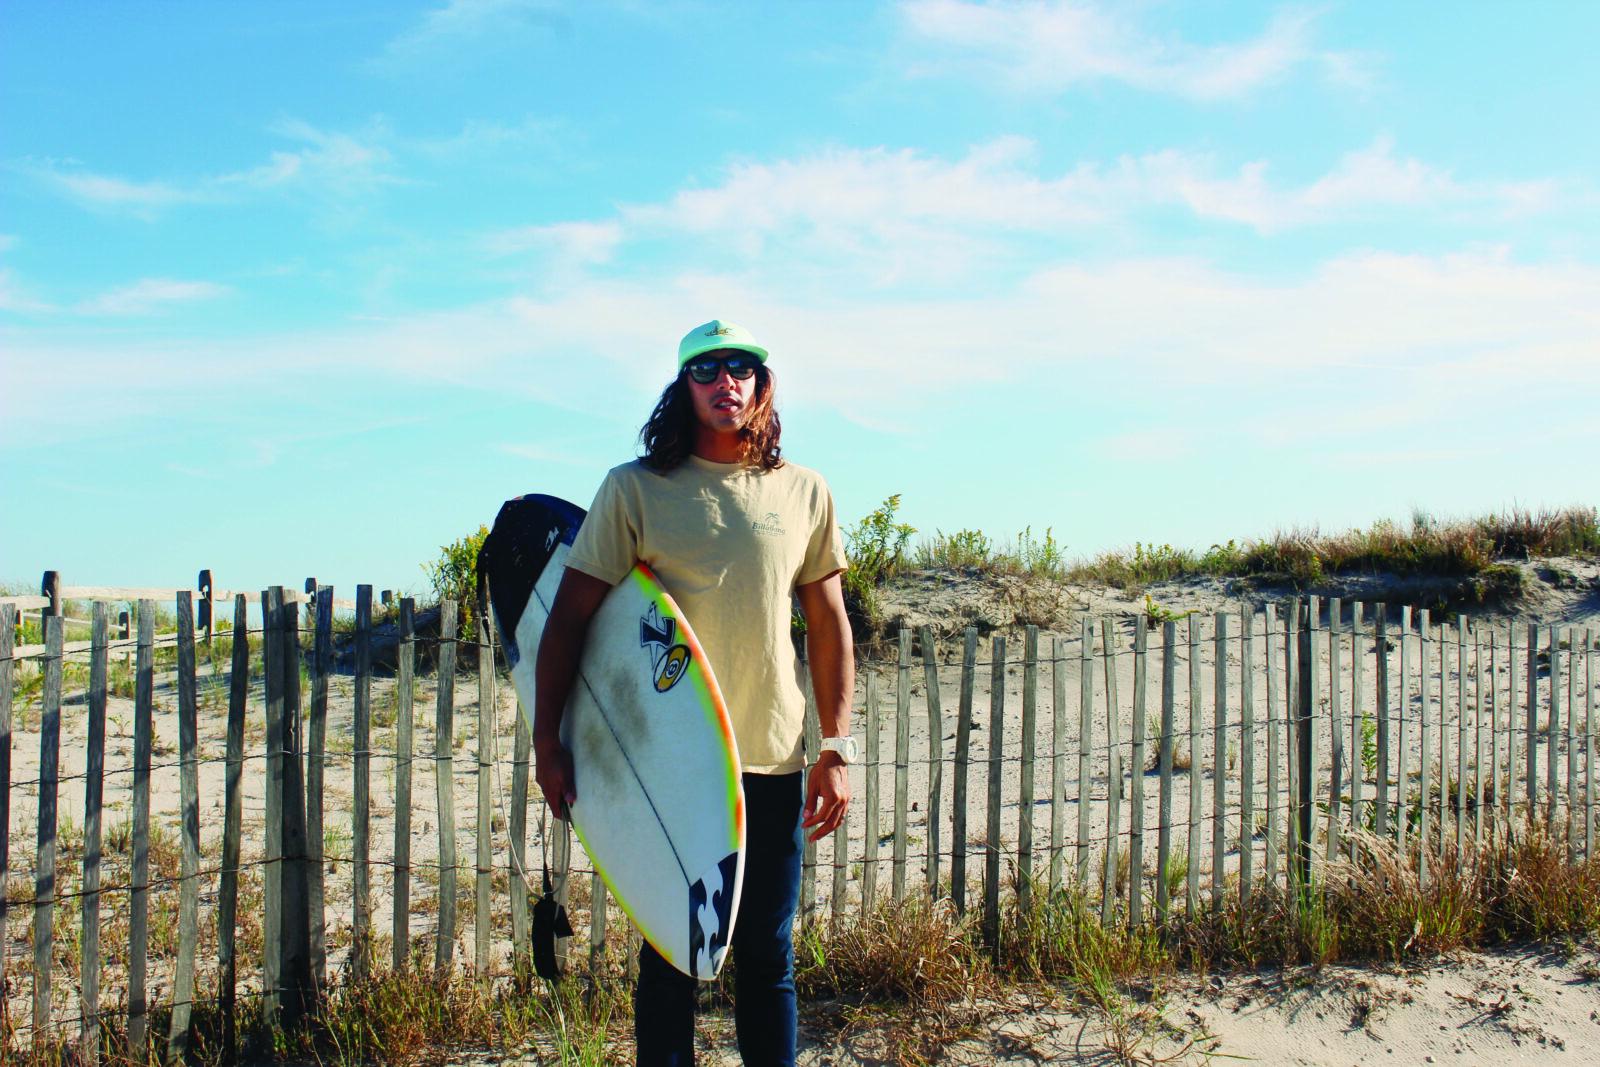 Pro Surfer Rob Kelly